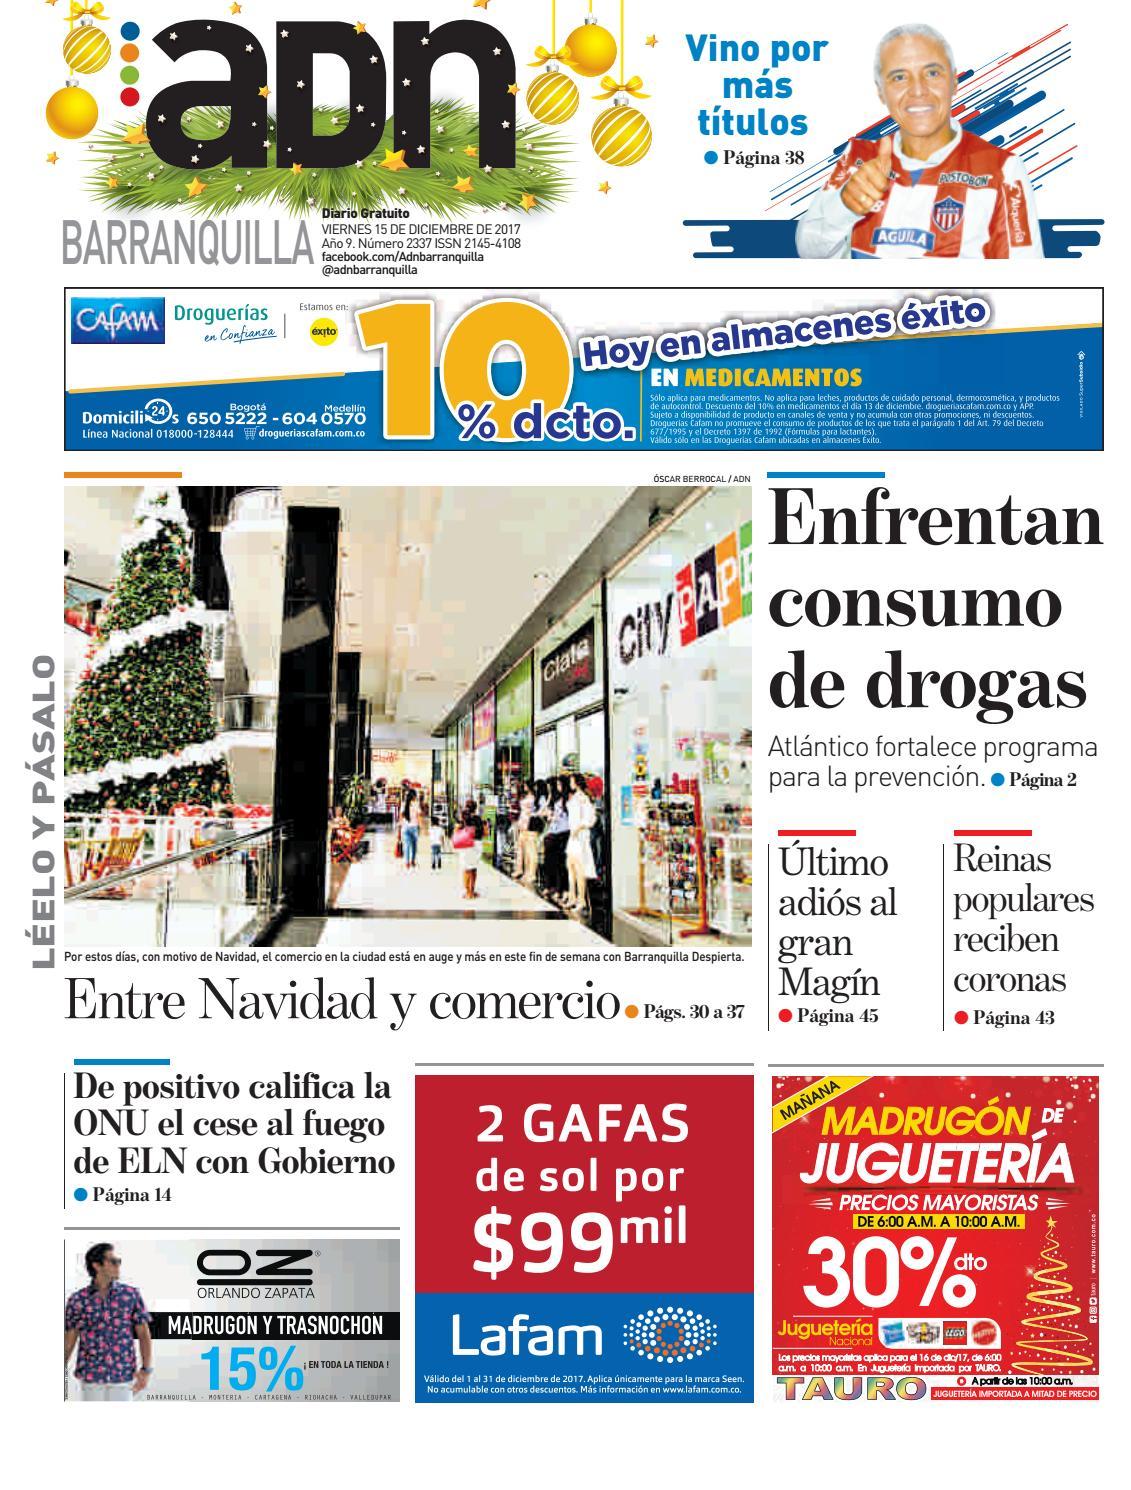 ADN Barranquilla 15 de diciembre de 2017 by diarioadn.co - issuu 6371753daa0